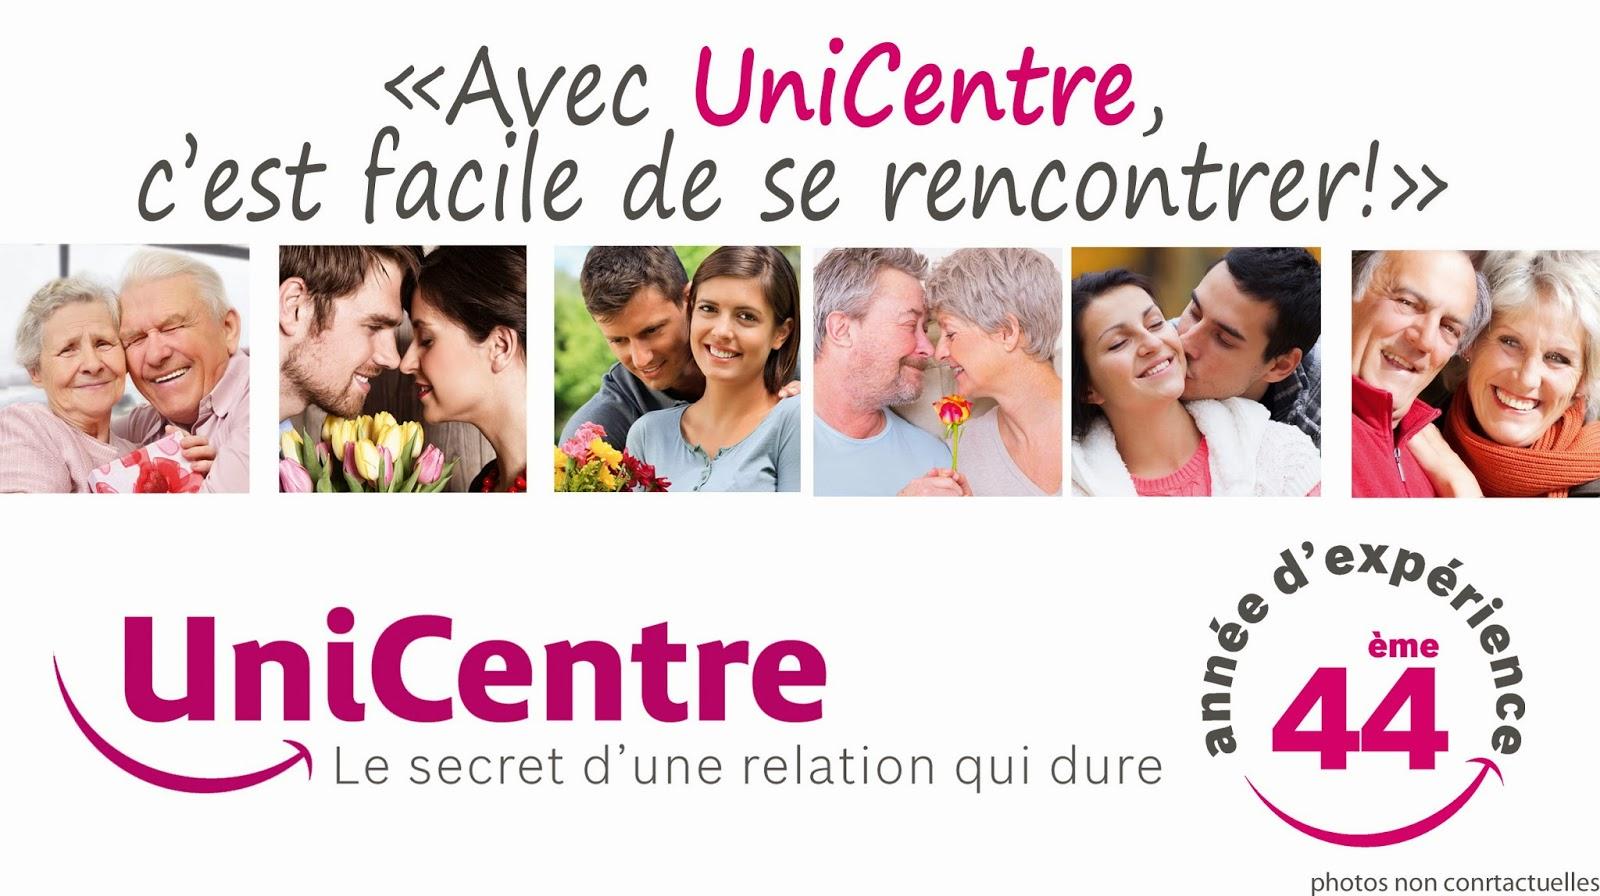 La marque Unicentre : avis, liste des magasins, codes promo